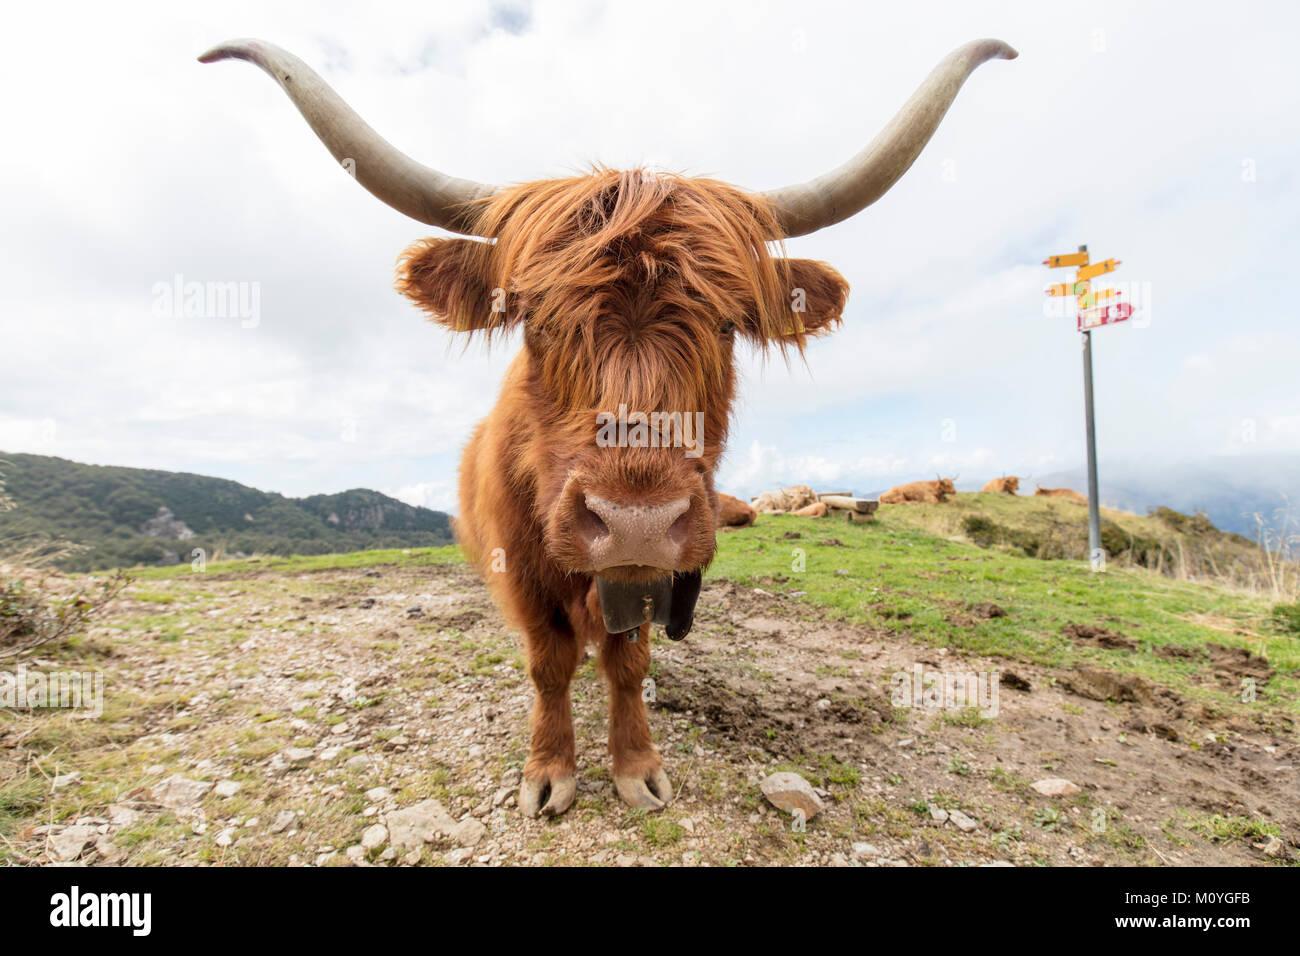 Highland scozzesi bovini (Bos taurus),sentiero escursionistico nei pressi di Bogno,Ticino, Svizzera Immagini Stock